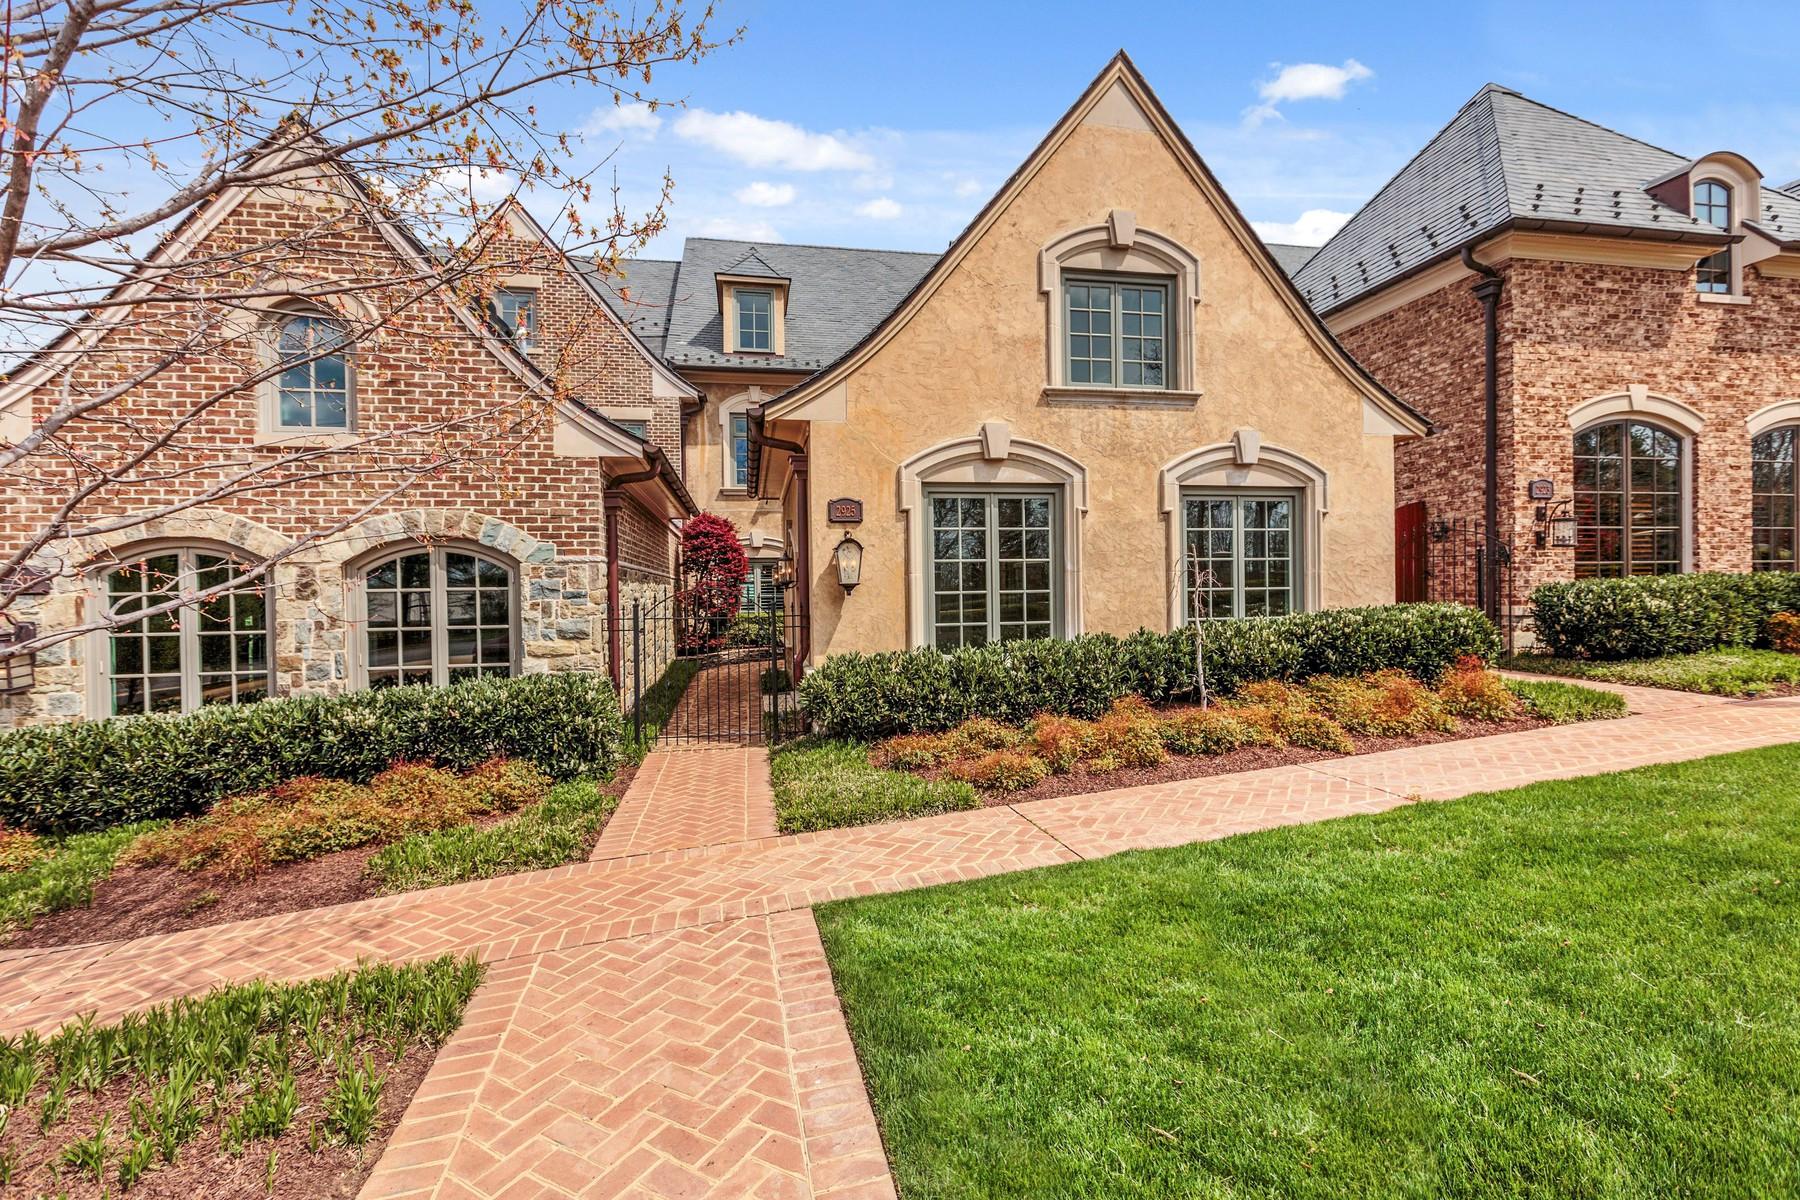 Stadthaus für Verkauf beim Cathedral View 2925 N Glebe Rd Arlington, Virginia, 22207 Vereinigte Staaten